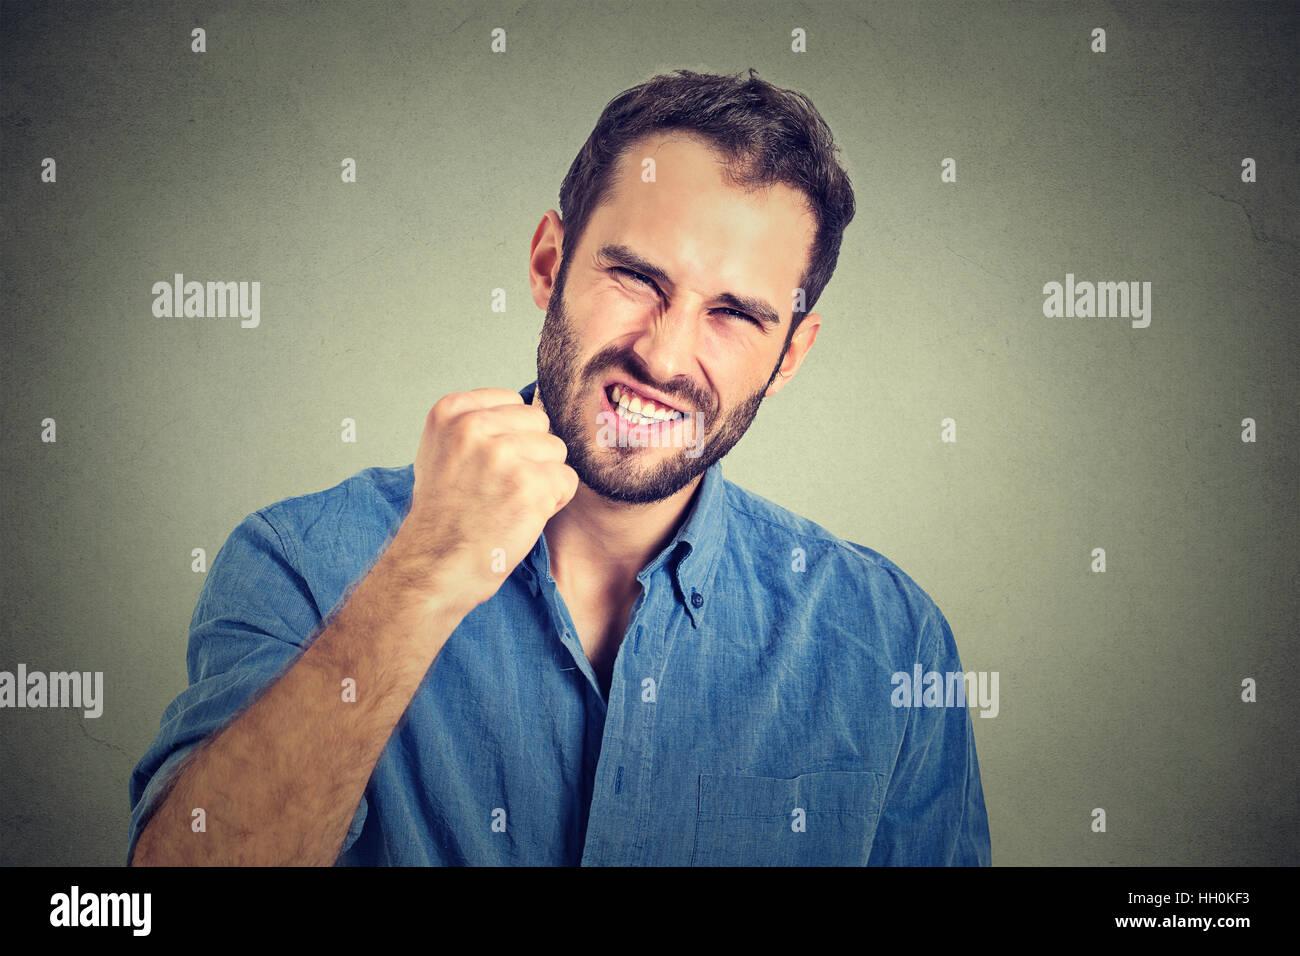 Retrato de joven hombre enojado Imagen De Stock